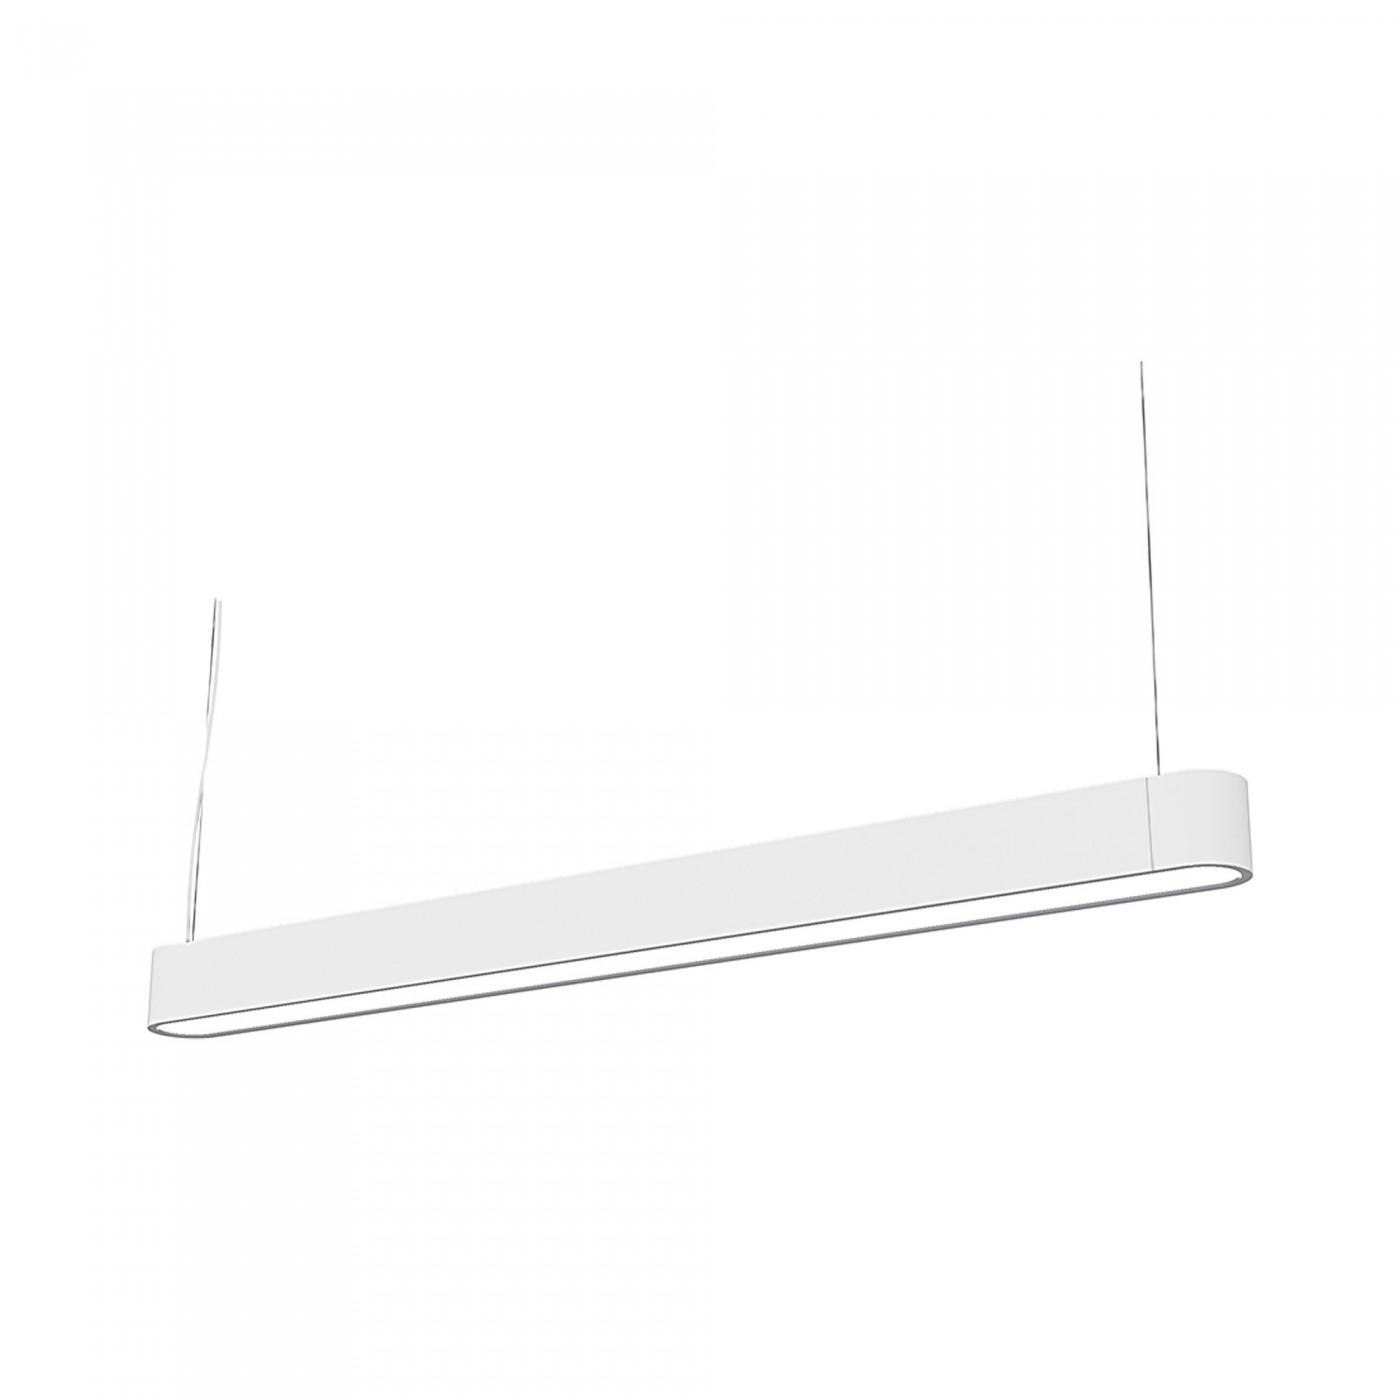 SOFT LED white 90x6  9545 Nowodvorski Lighting